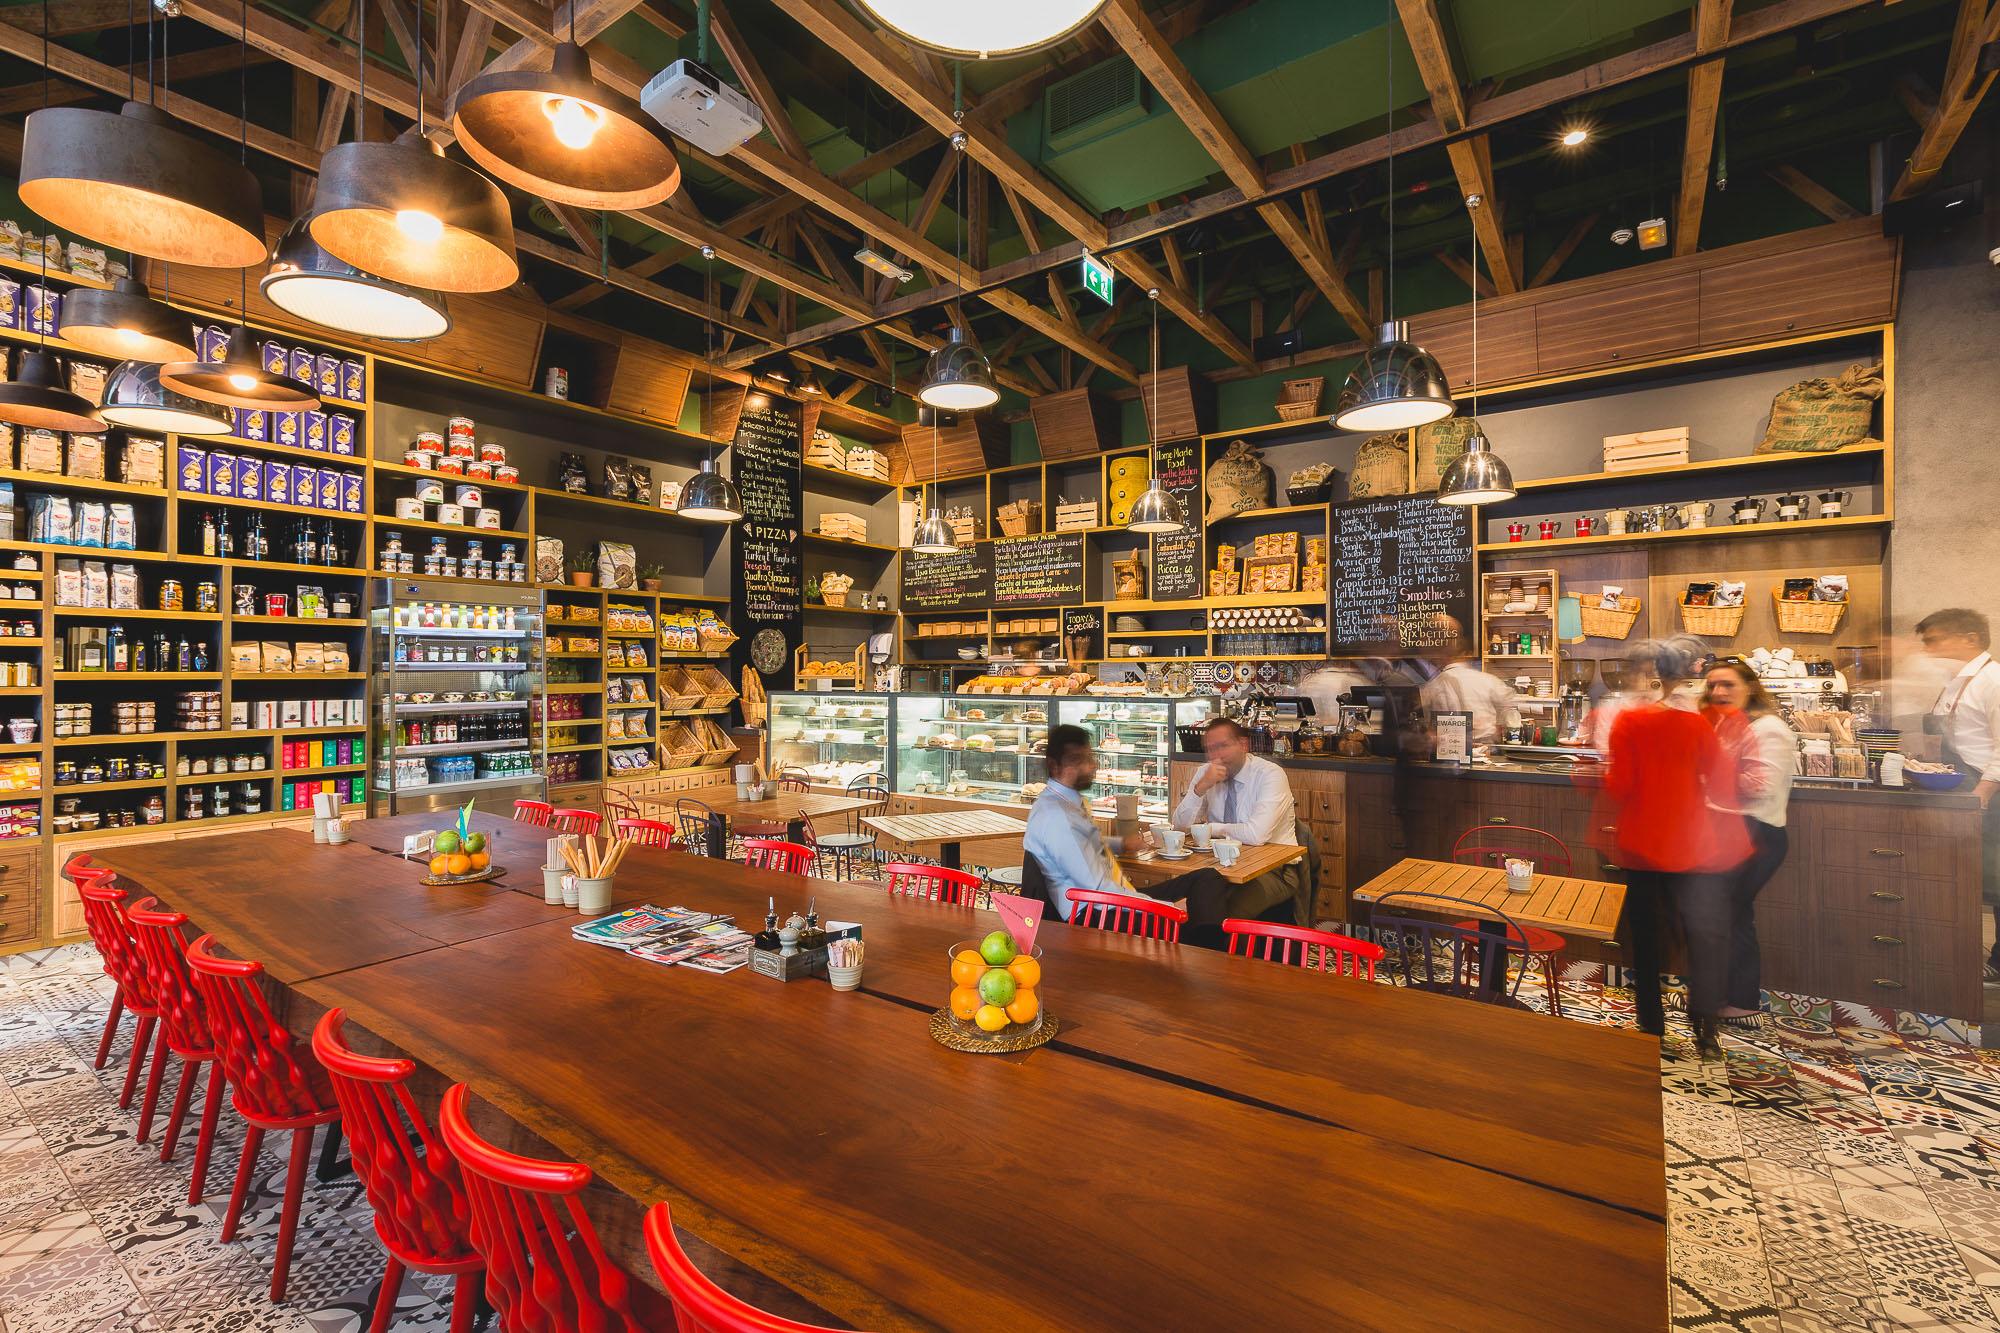 mercato_italia_kitchen_dubai_12